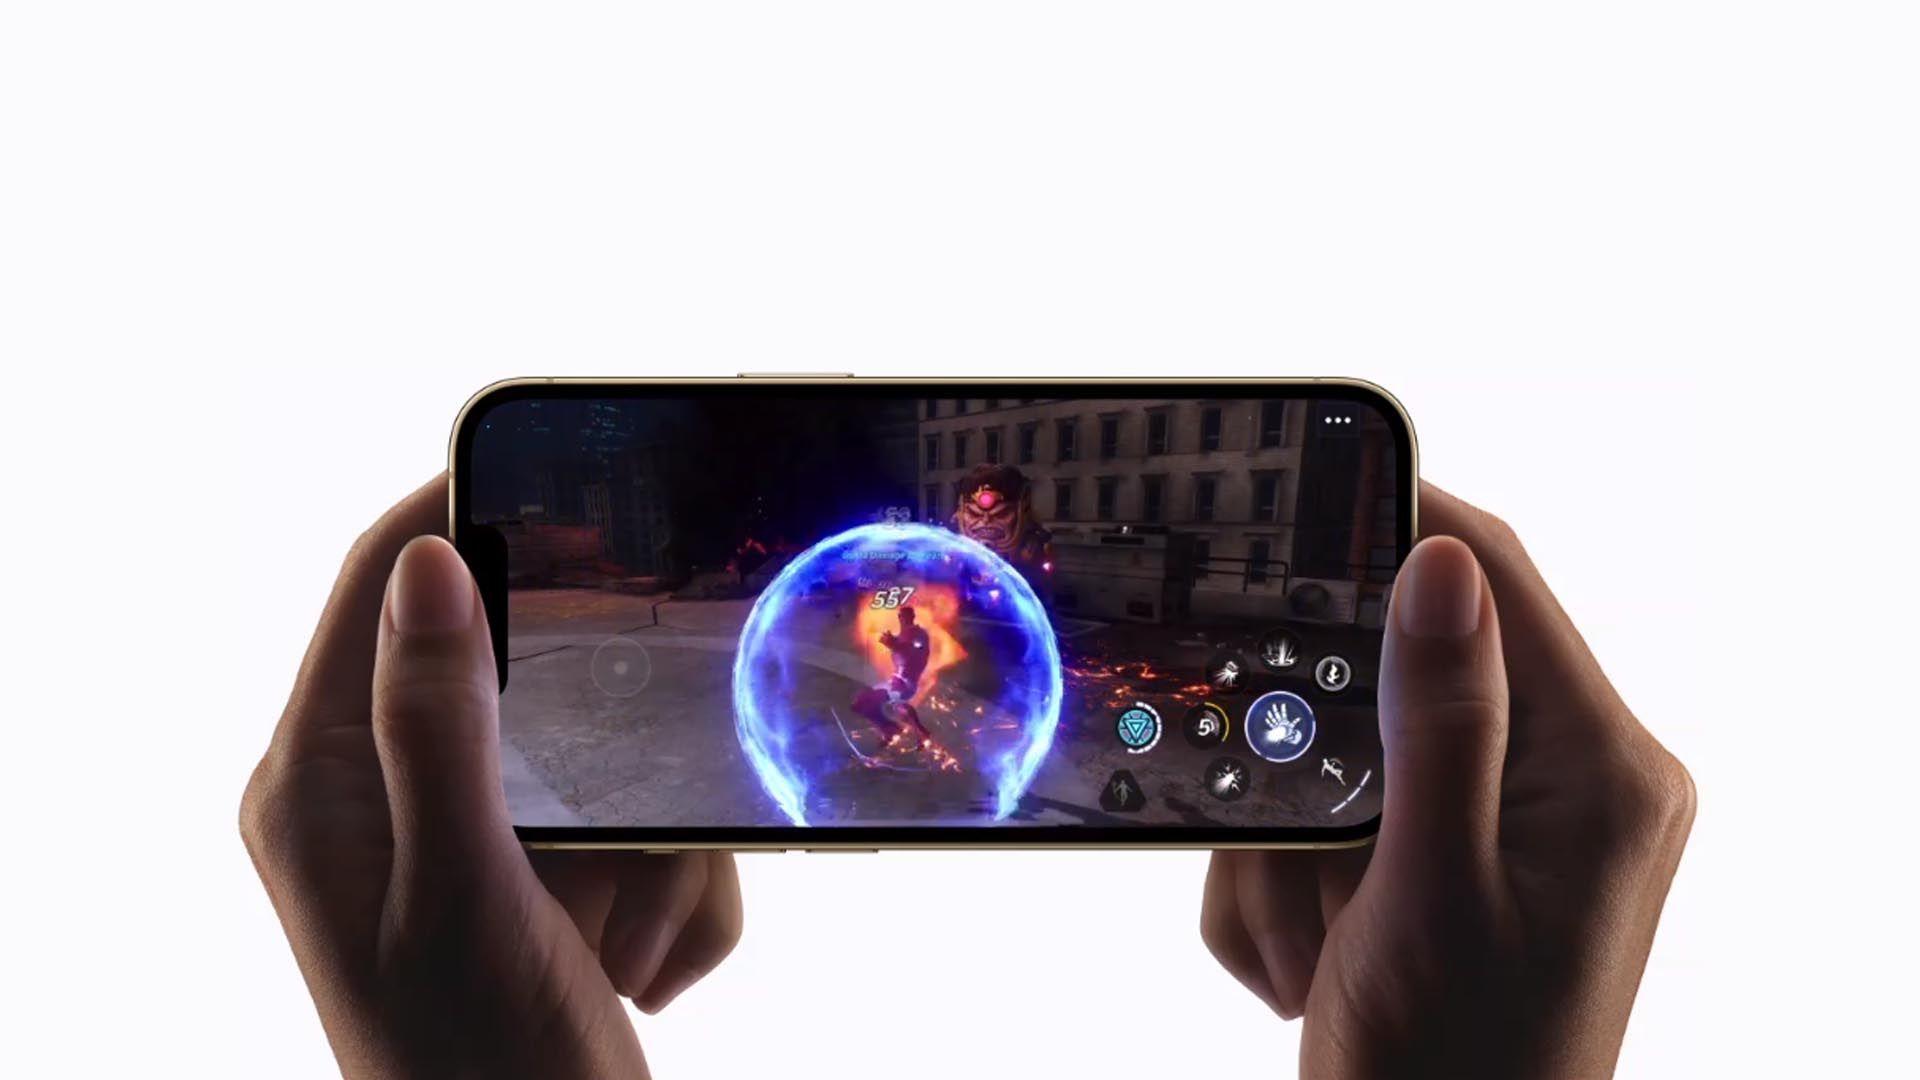 Imagem do iPhone 13 Pro rodando um jogo